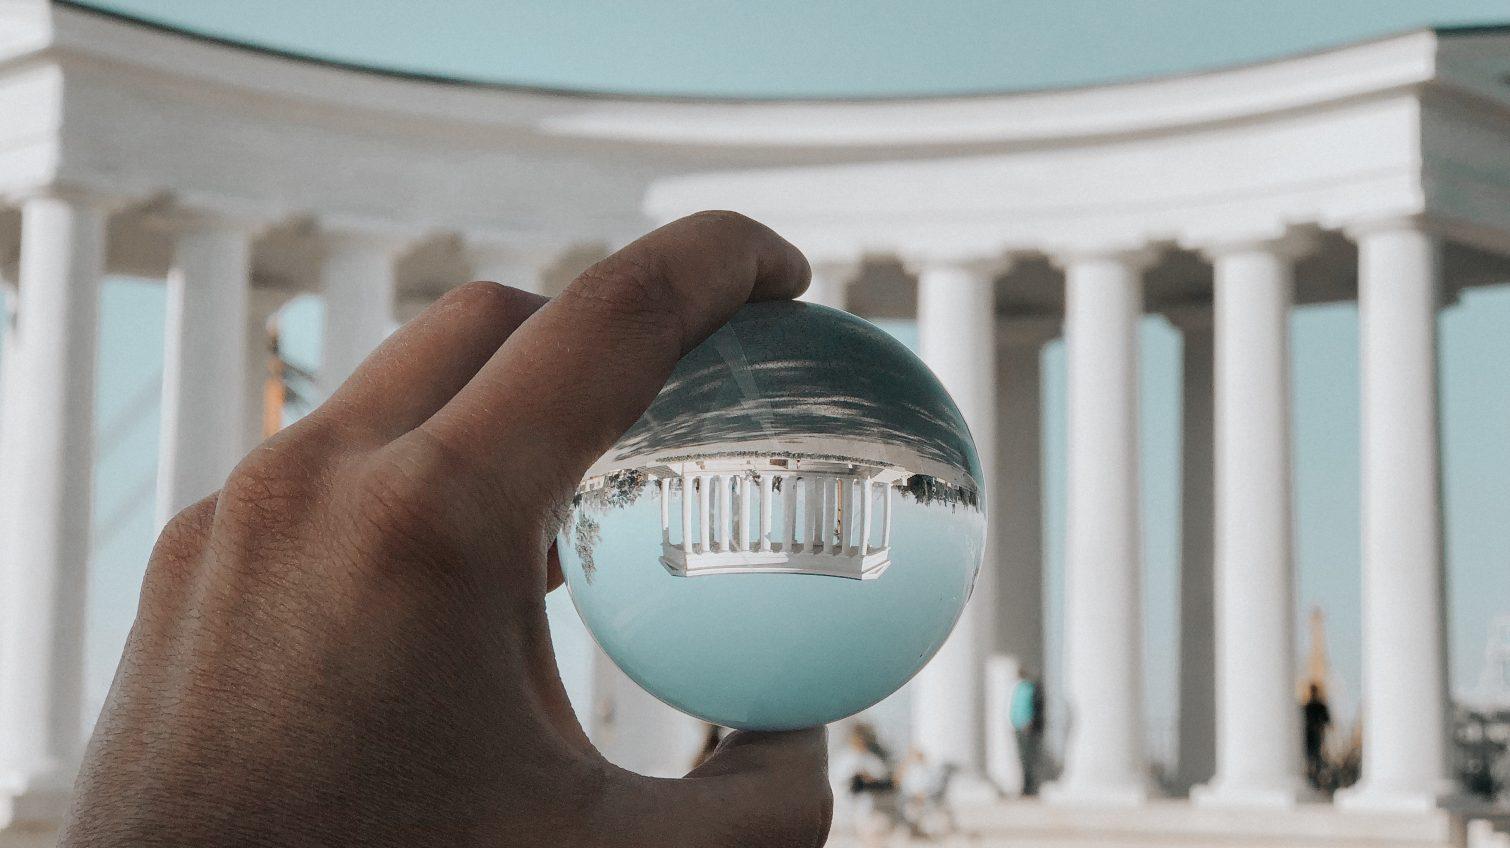 Мэрия заплатит 100 тысяч гривен за видеоролик об Одессе «фото»